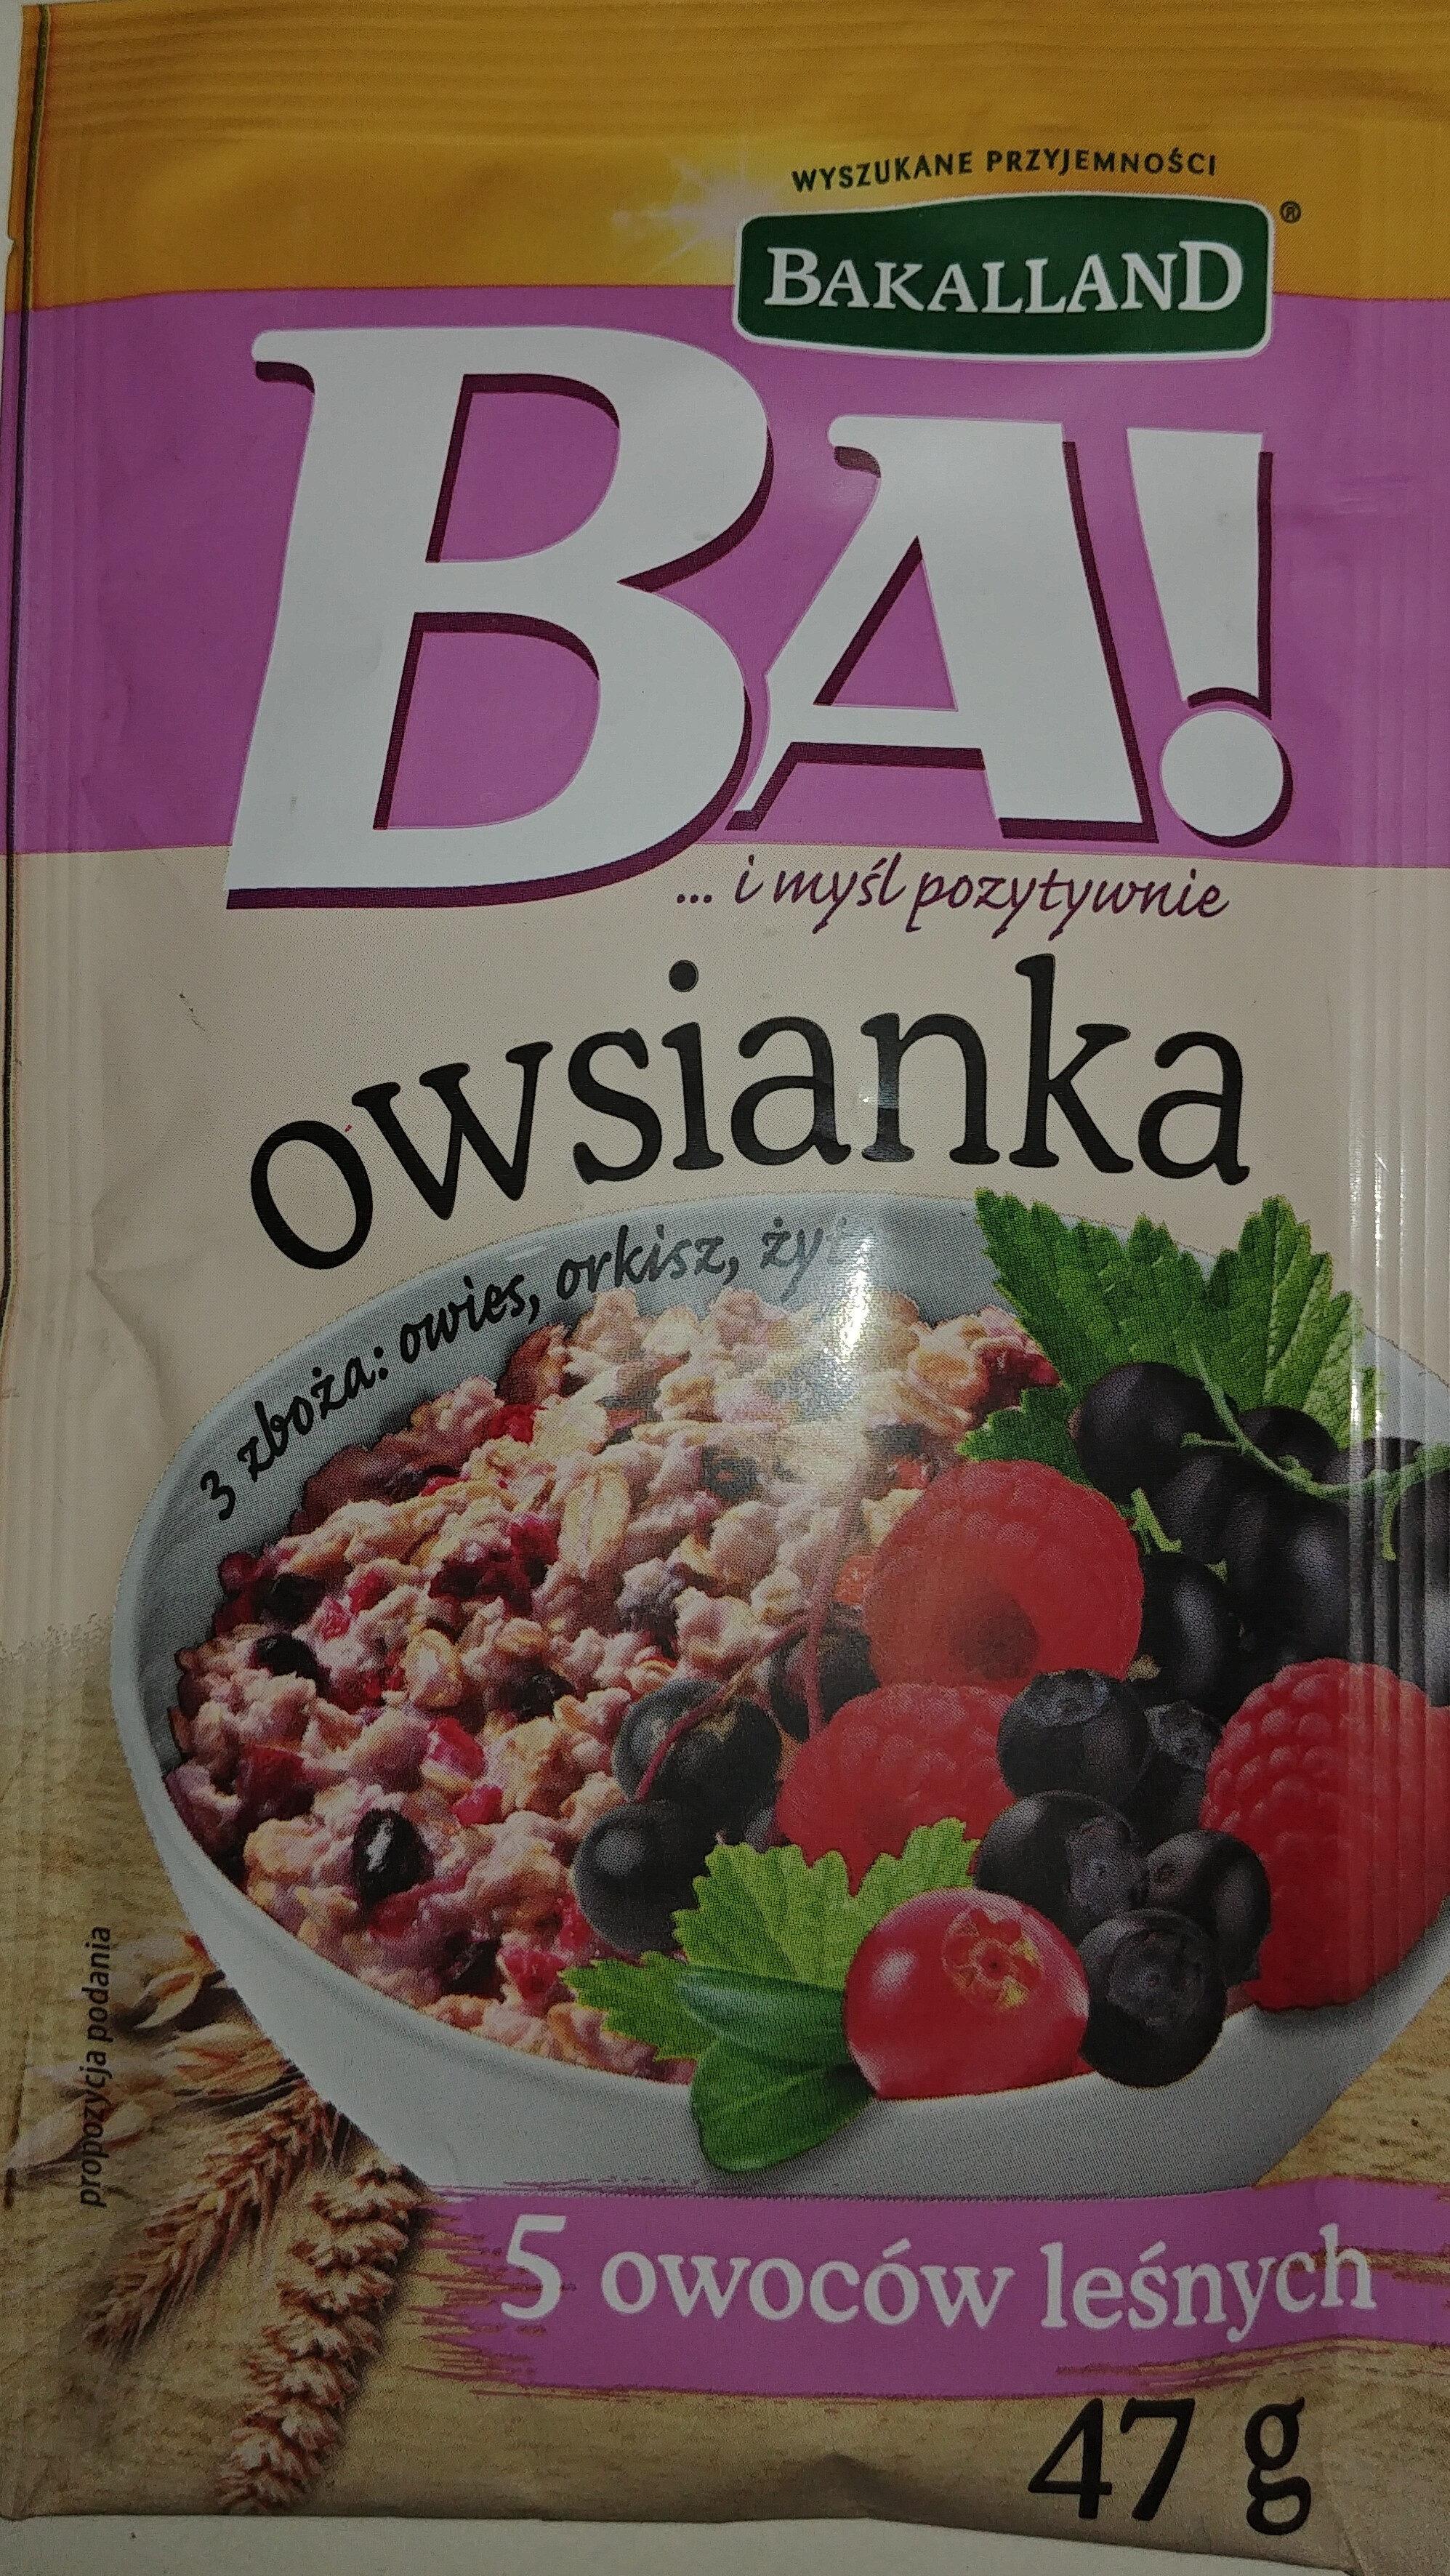 Owsianka z 5 owocami leśnymi - Product - pl